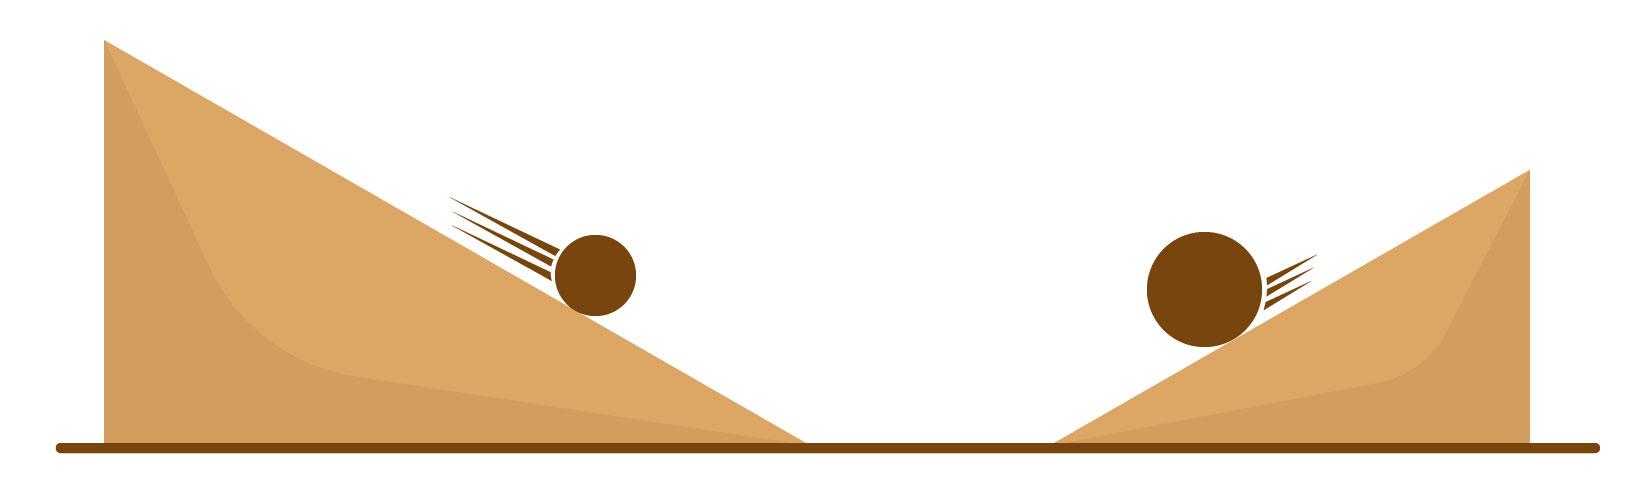 Comparando a energia cinética de duas bolas diferentes com velocidades diferentes.